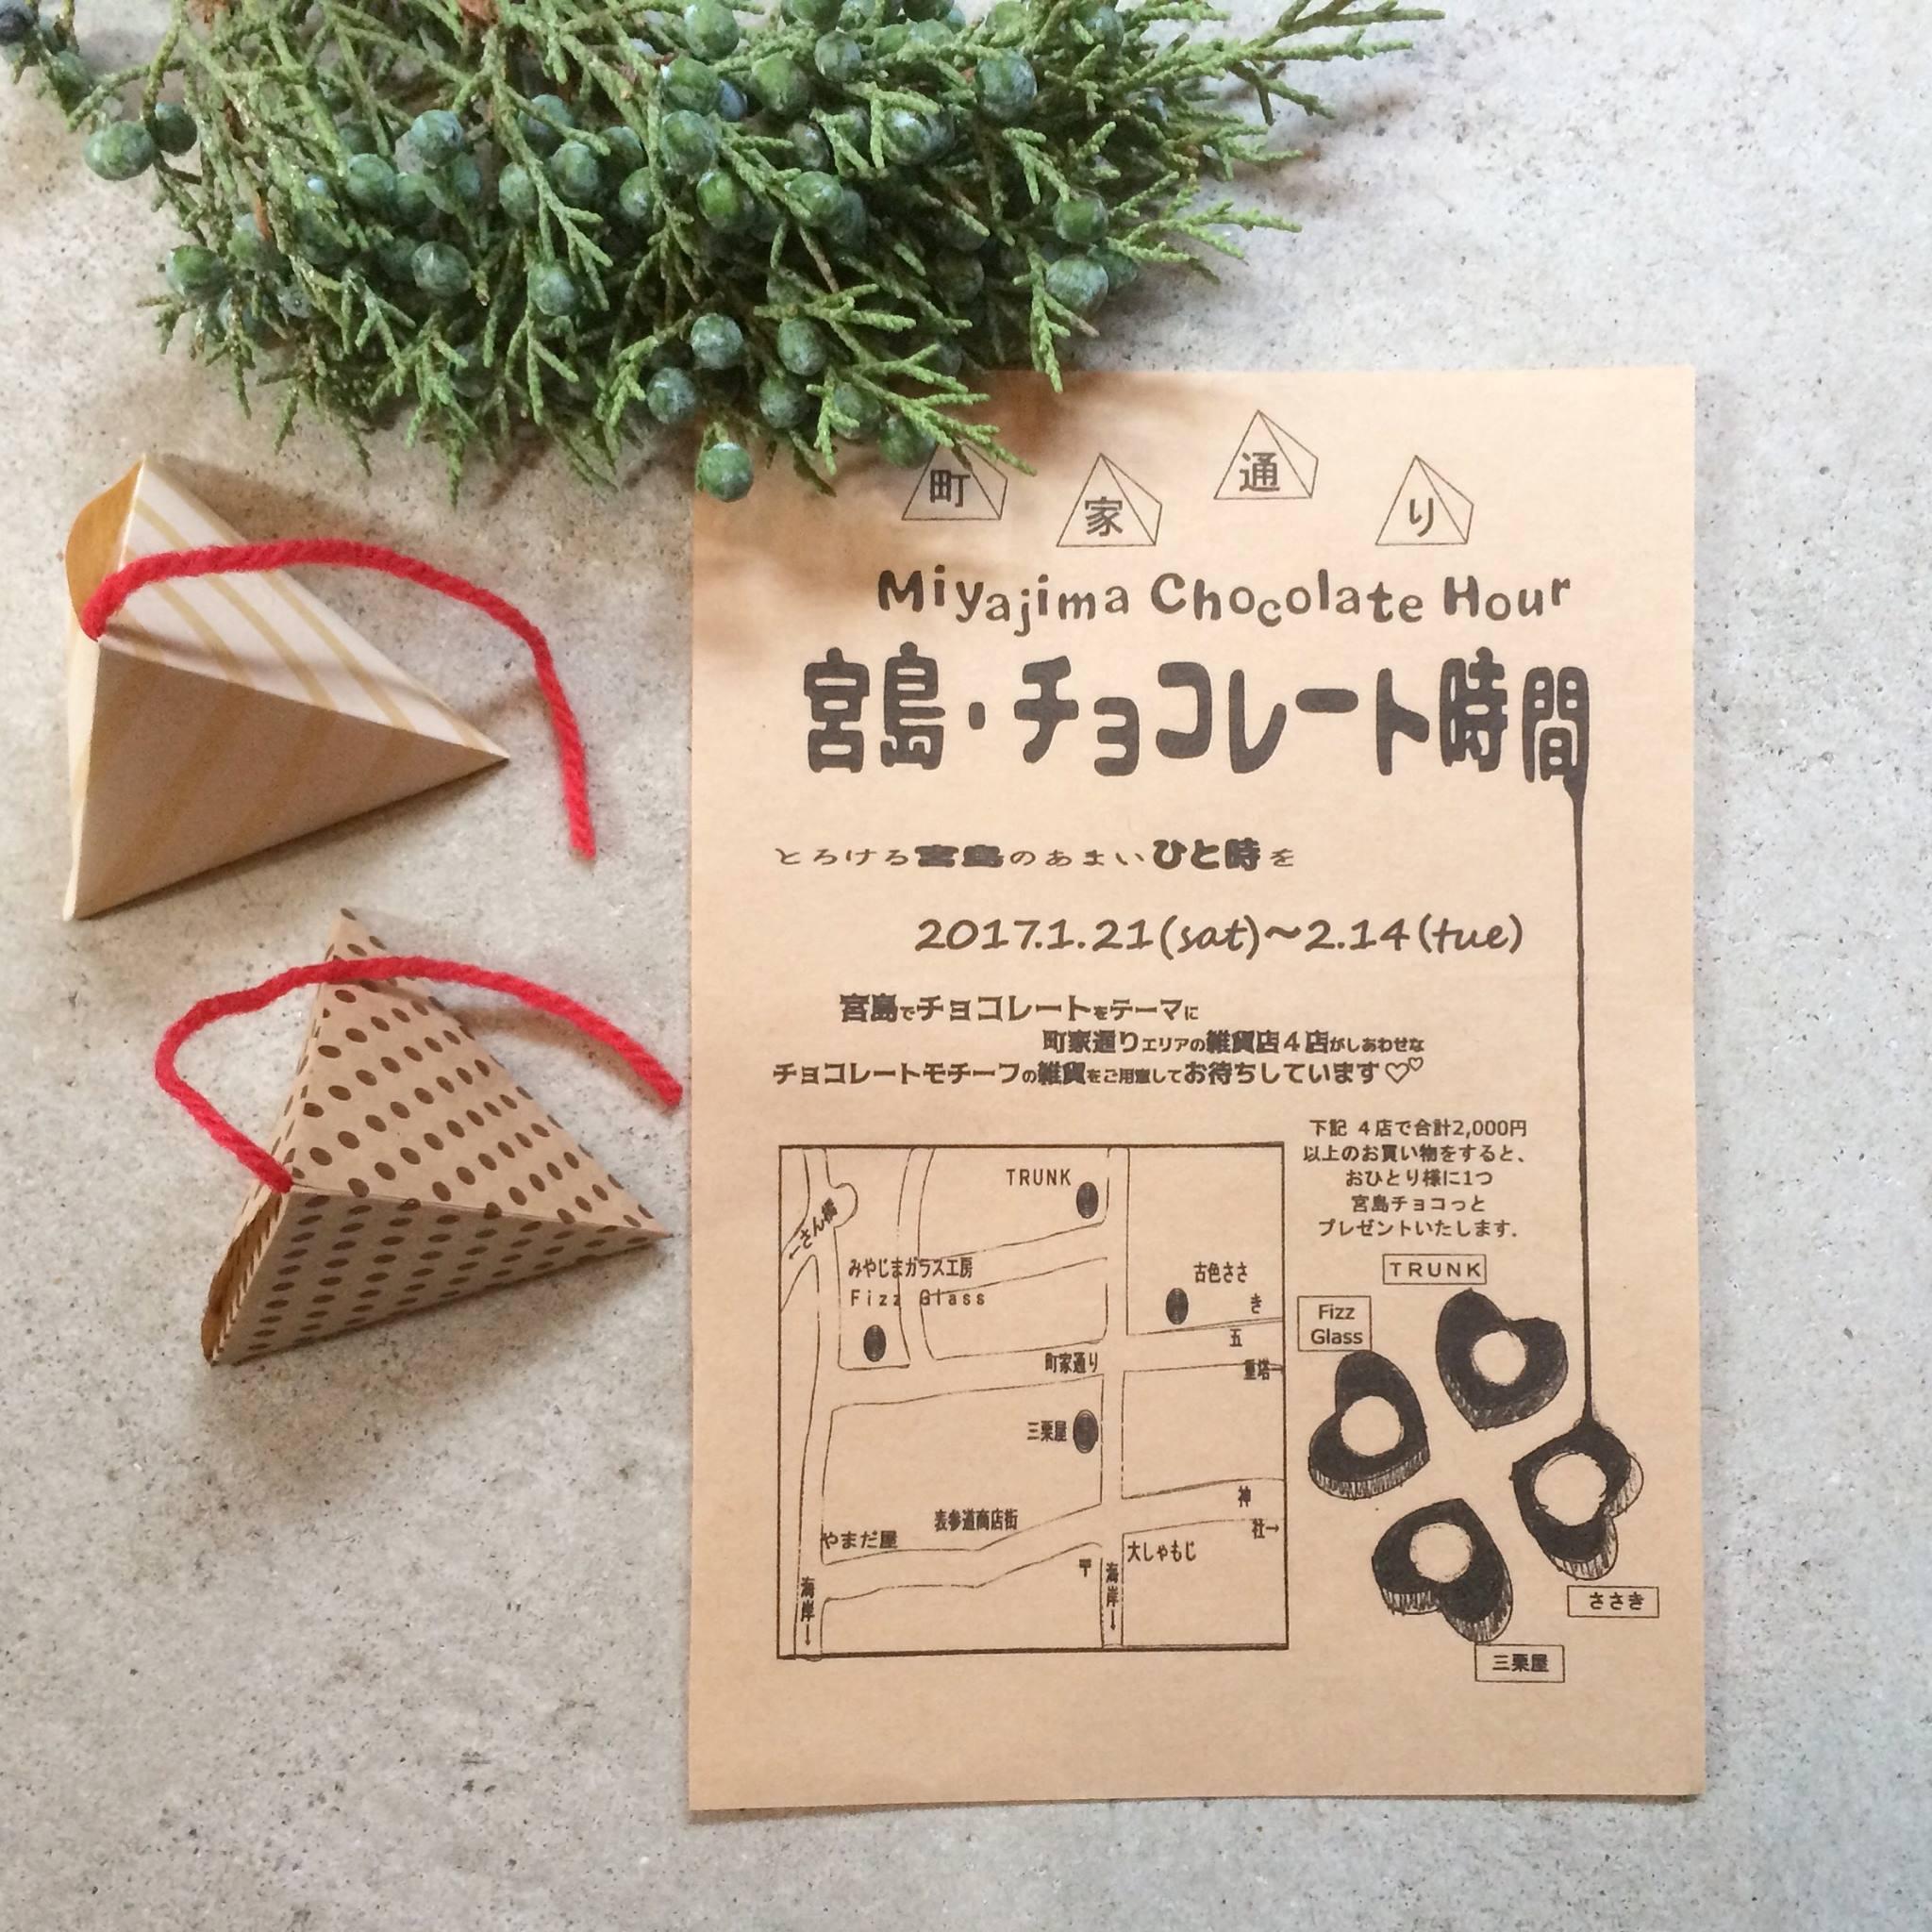 <宮島>チョコレート時間★1/21-2/14